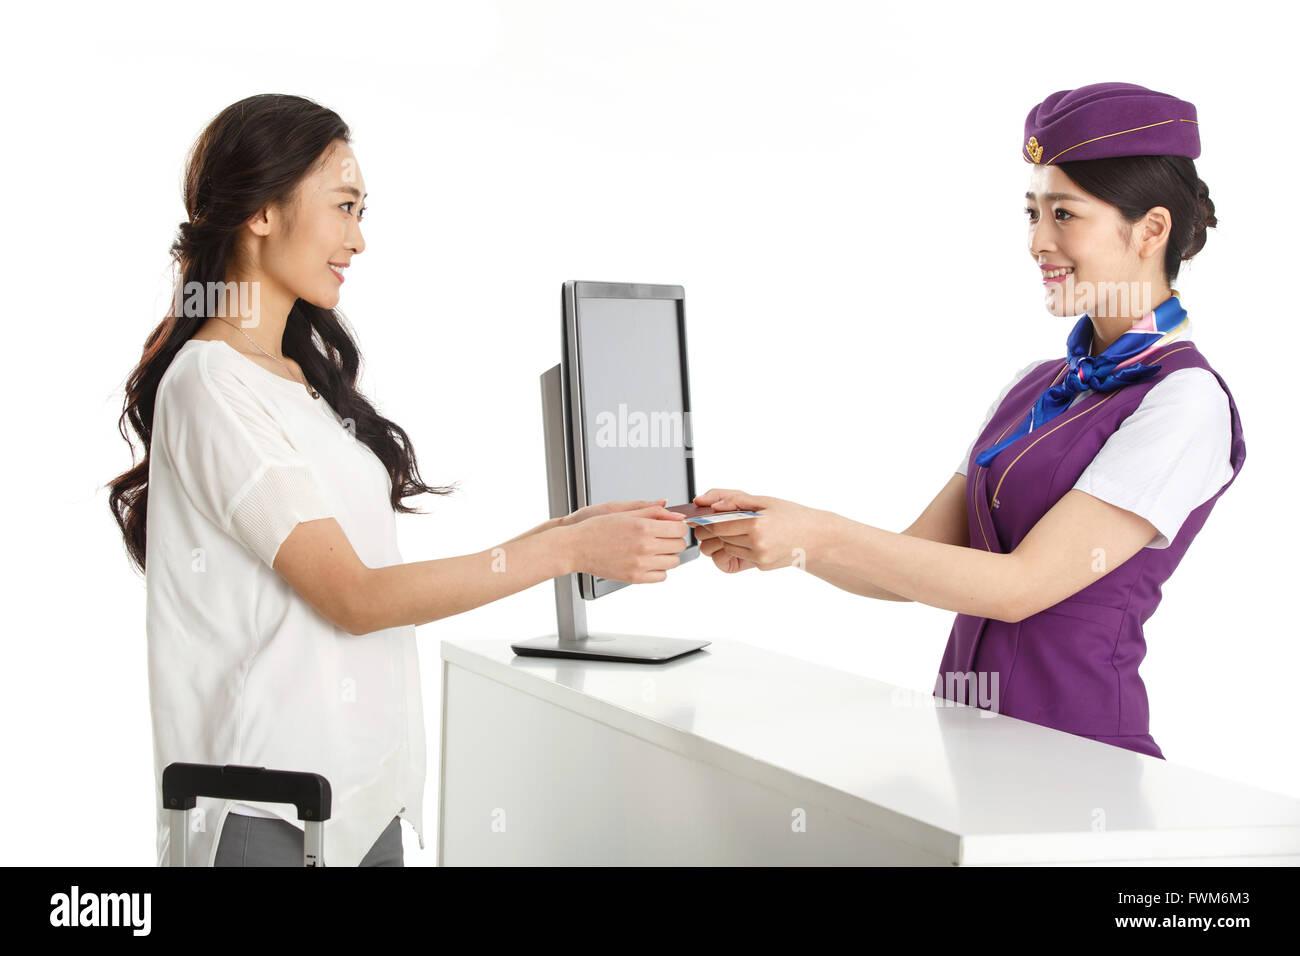 Las hembras jóvenes asistentes de vuelo para los clientes para pasar un pasaporte Imagen De Stock